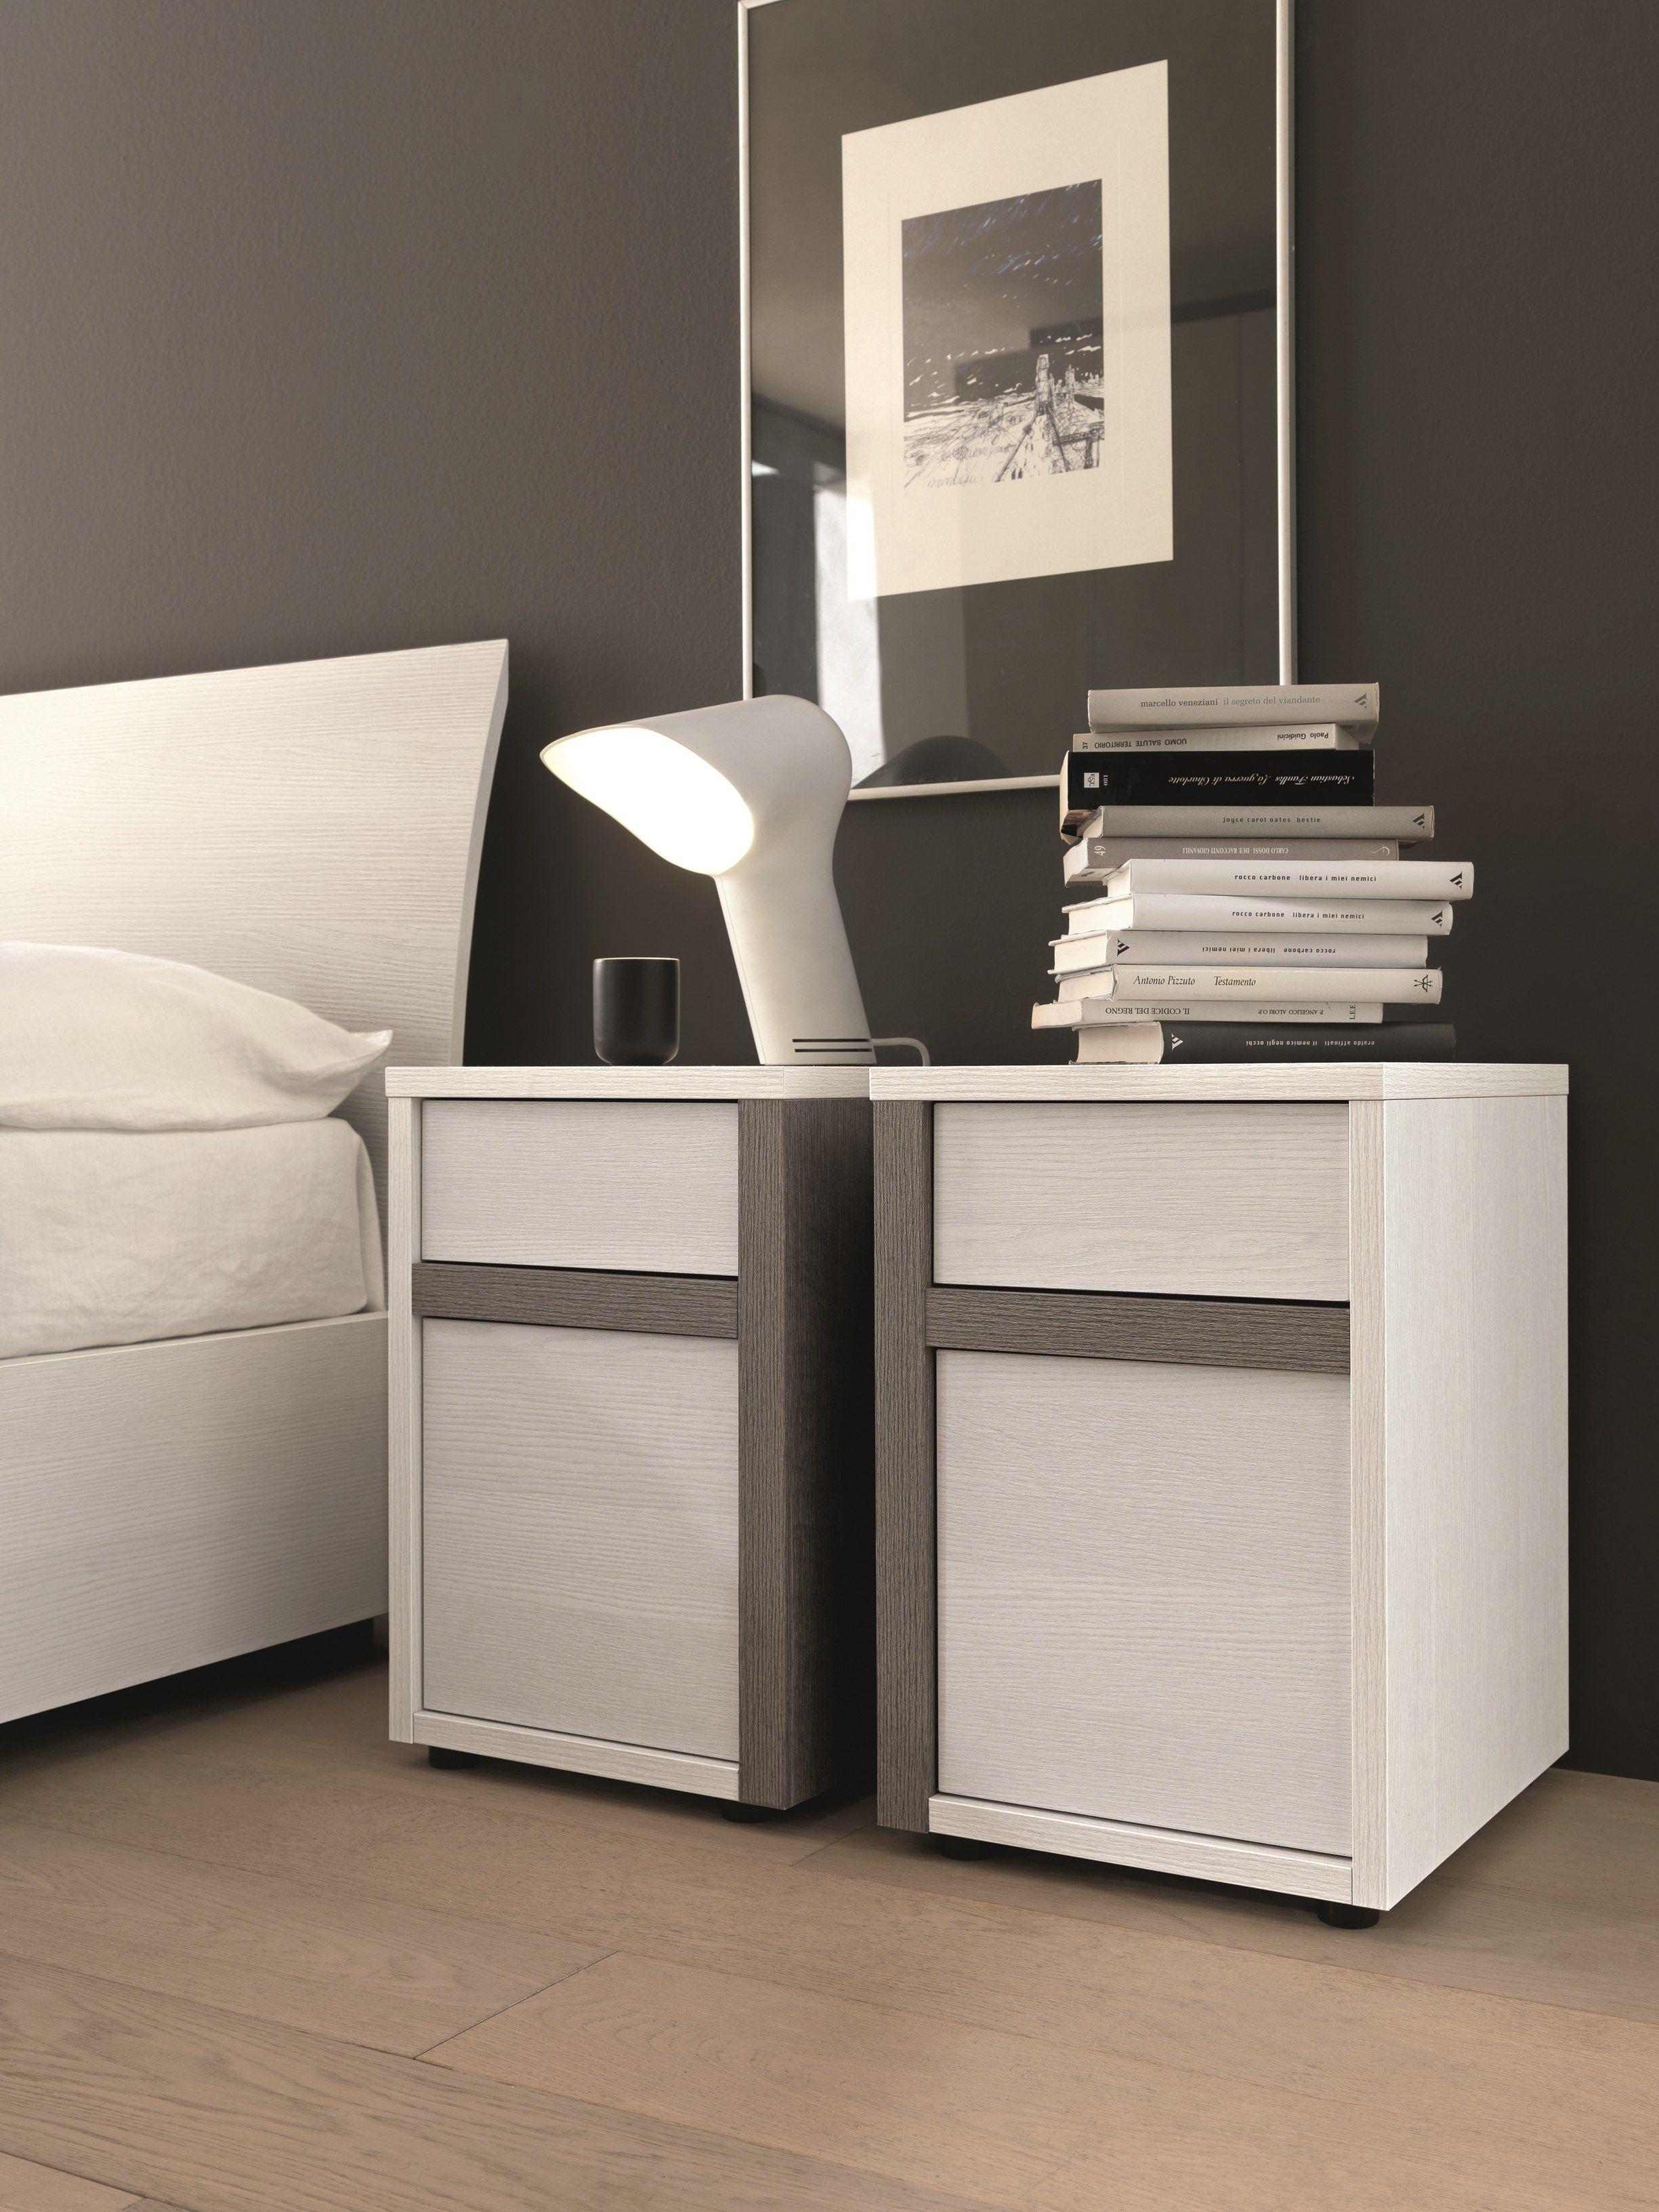 SLIM Comodino by SMA Mobili | Home sweet home | Pinterest | Comodino ...